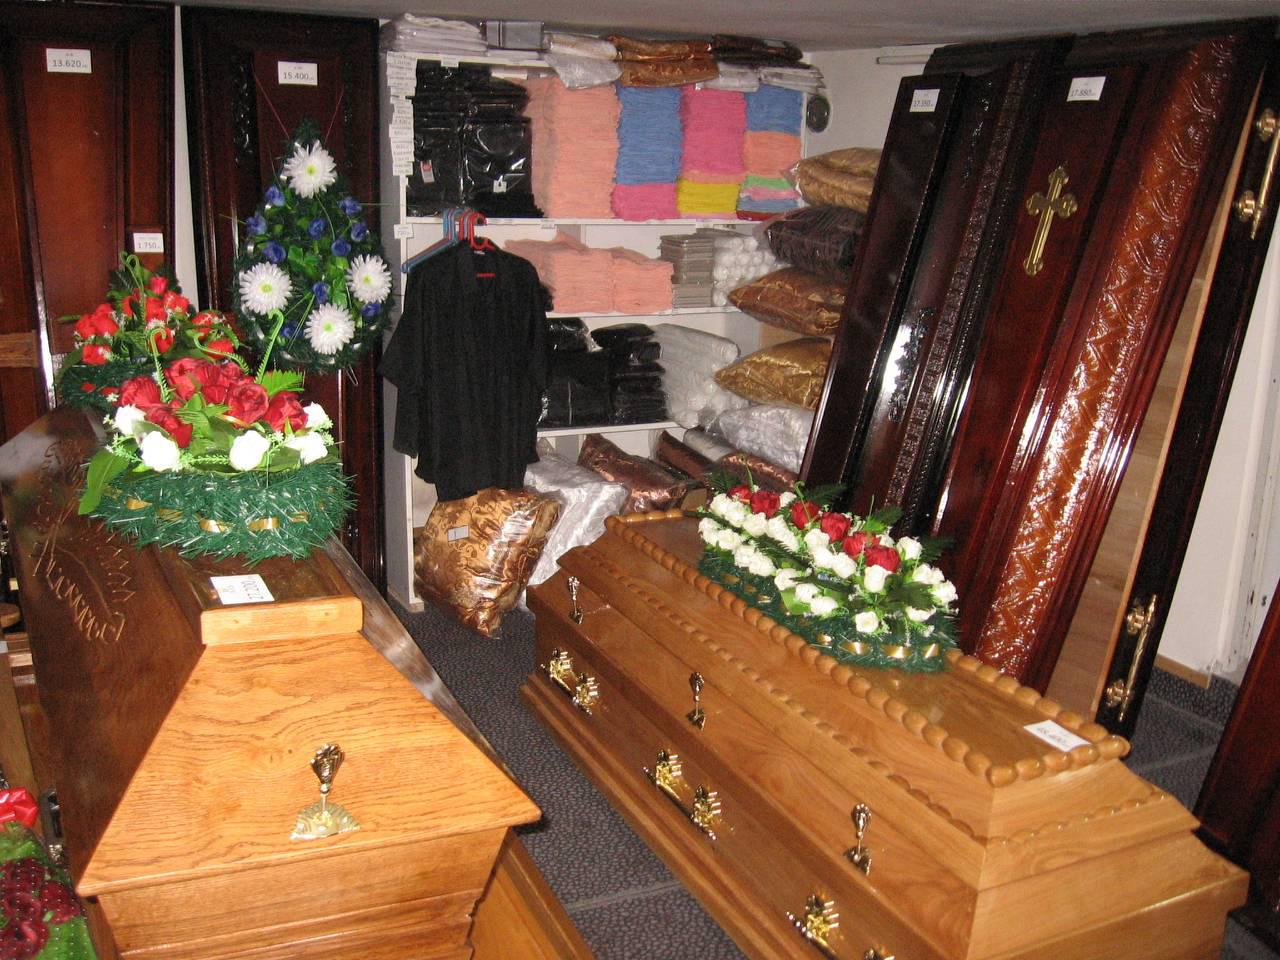 POGREBNA OPREMA PECIĆ Pogrebne usluge Kraljevo